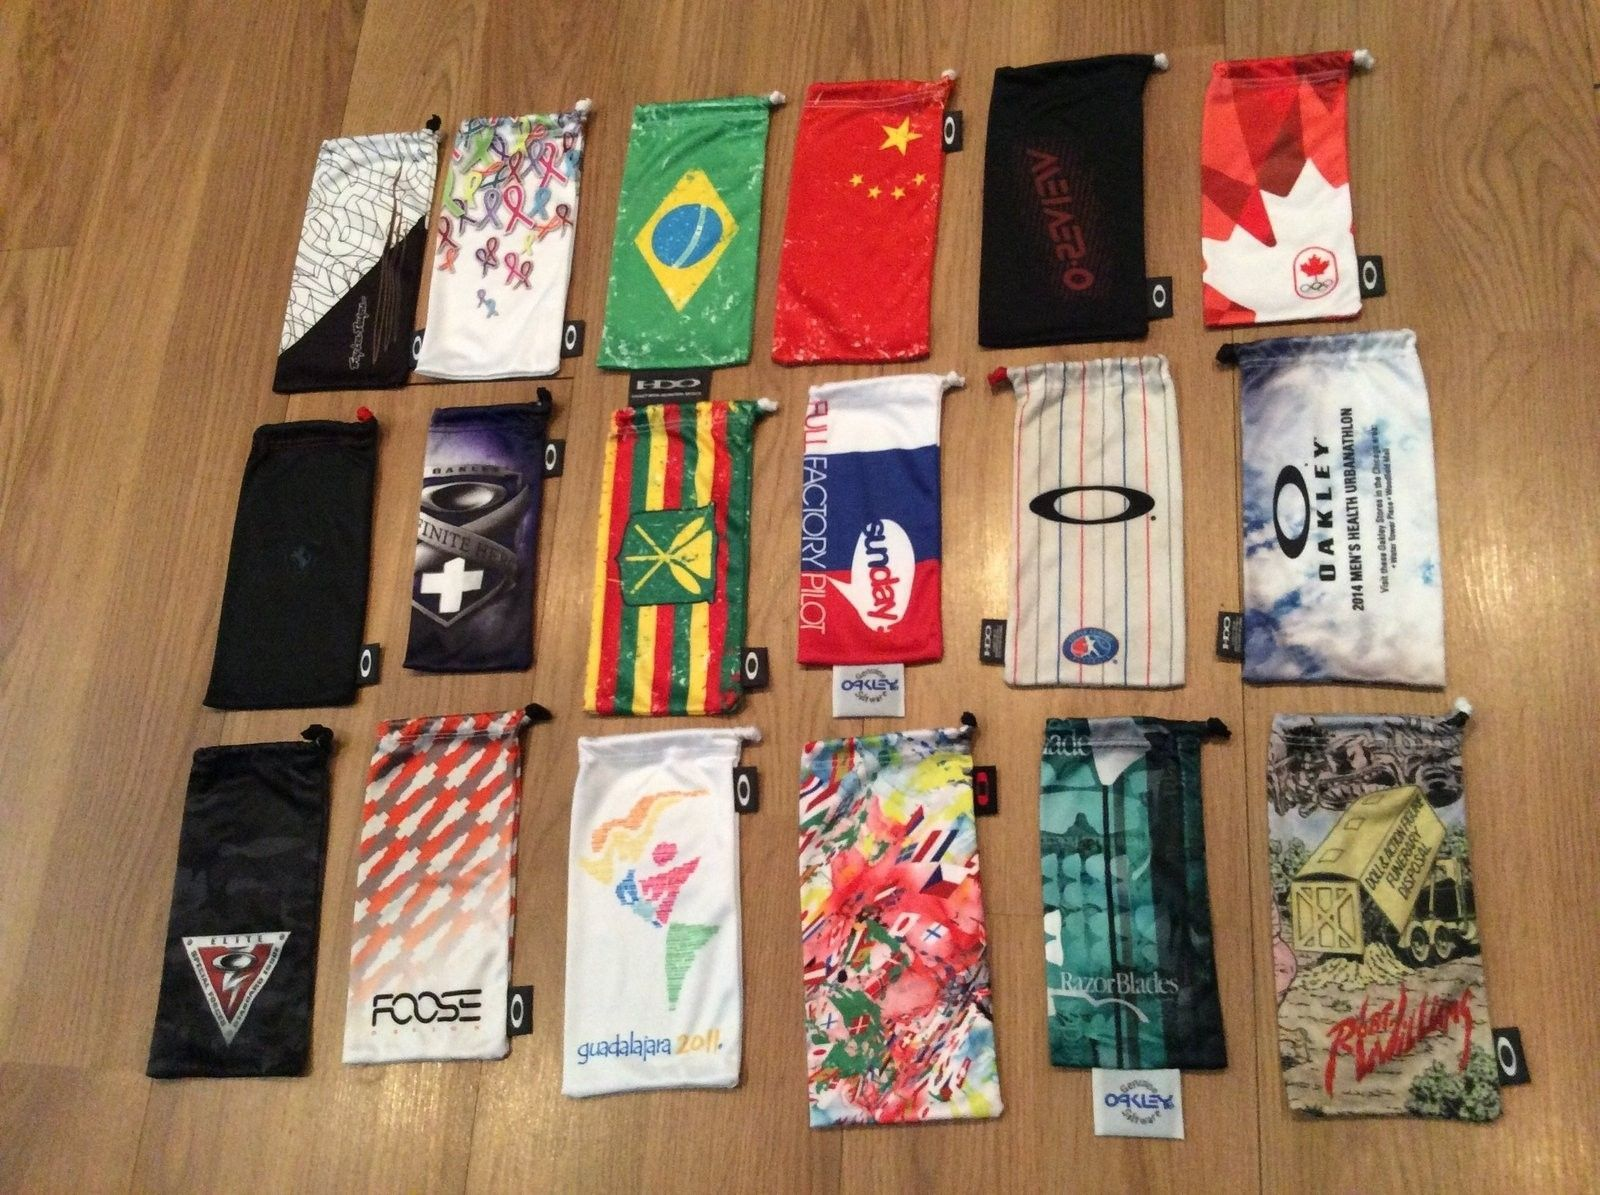 Micro Bag Bundle $125 shipped - image.jpg